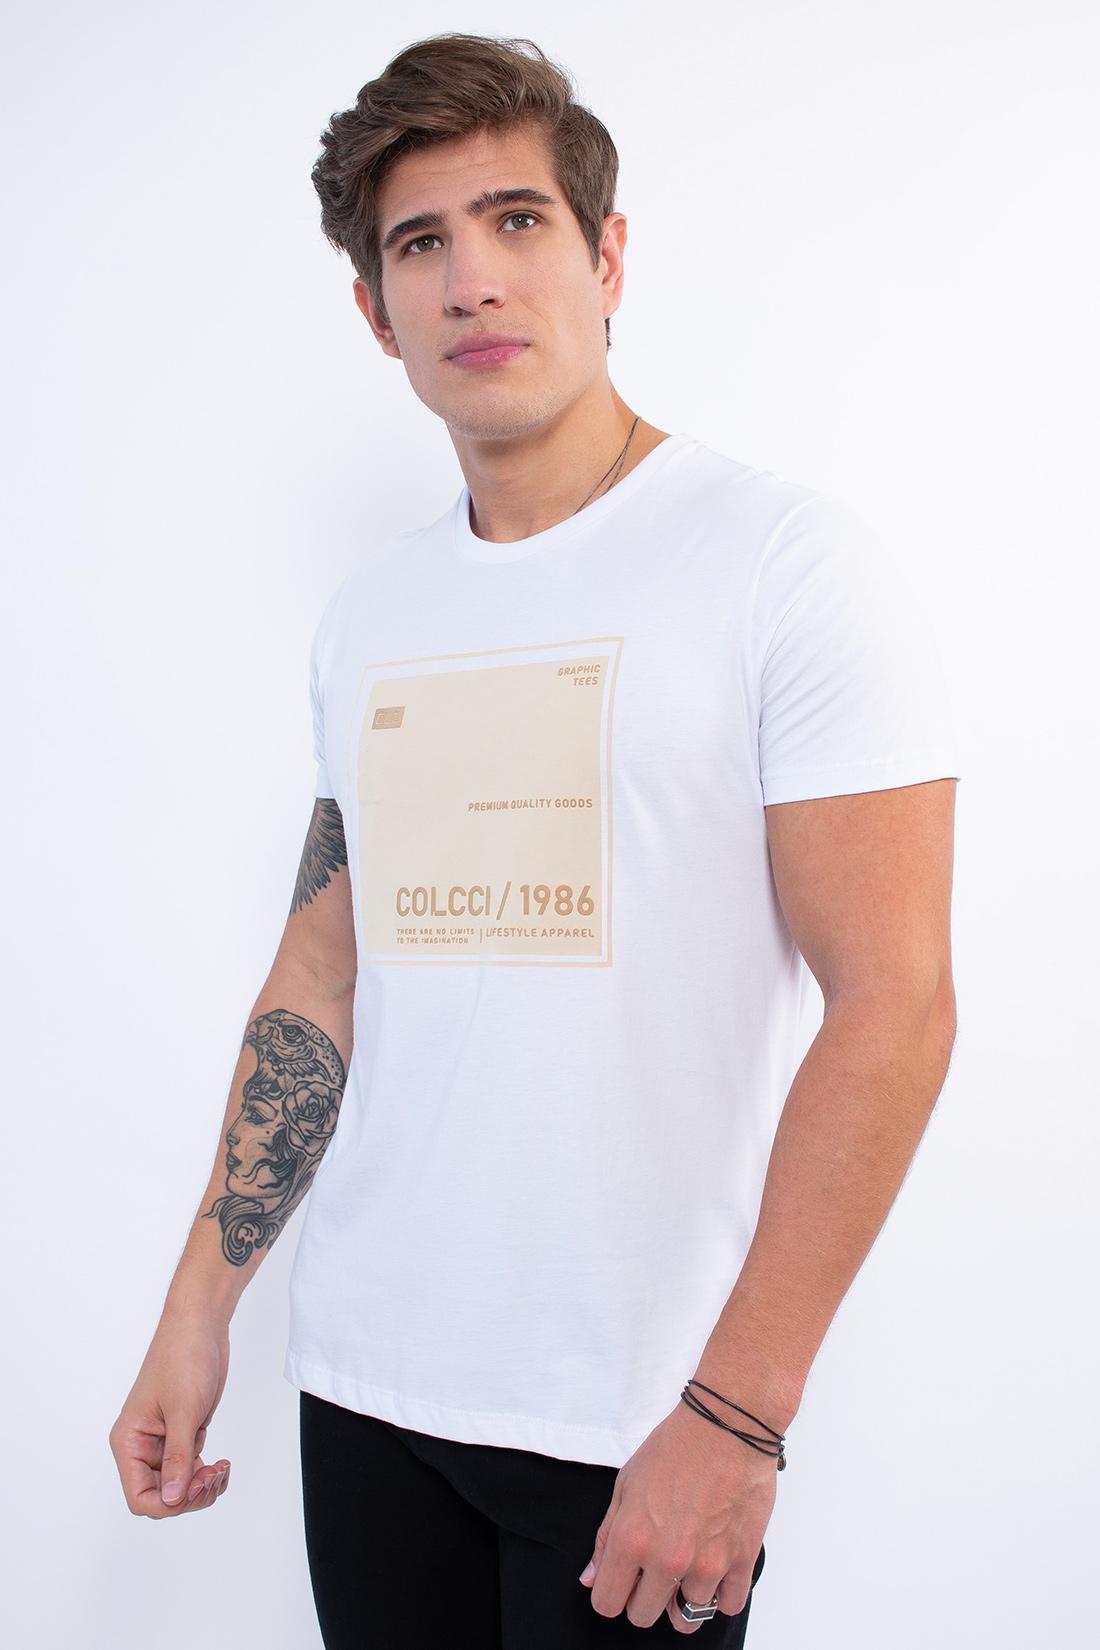 Camiseta Mc Colcci Premium Quality Goods